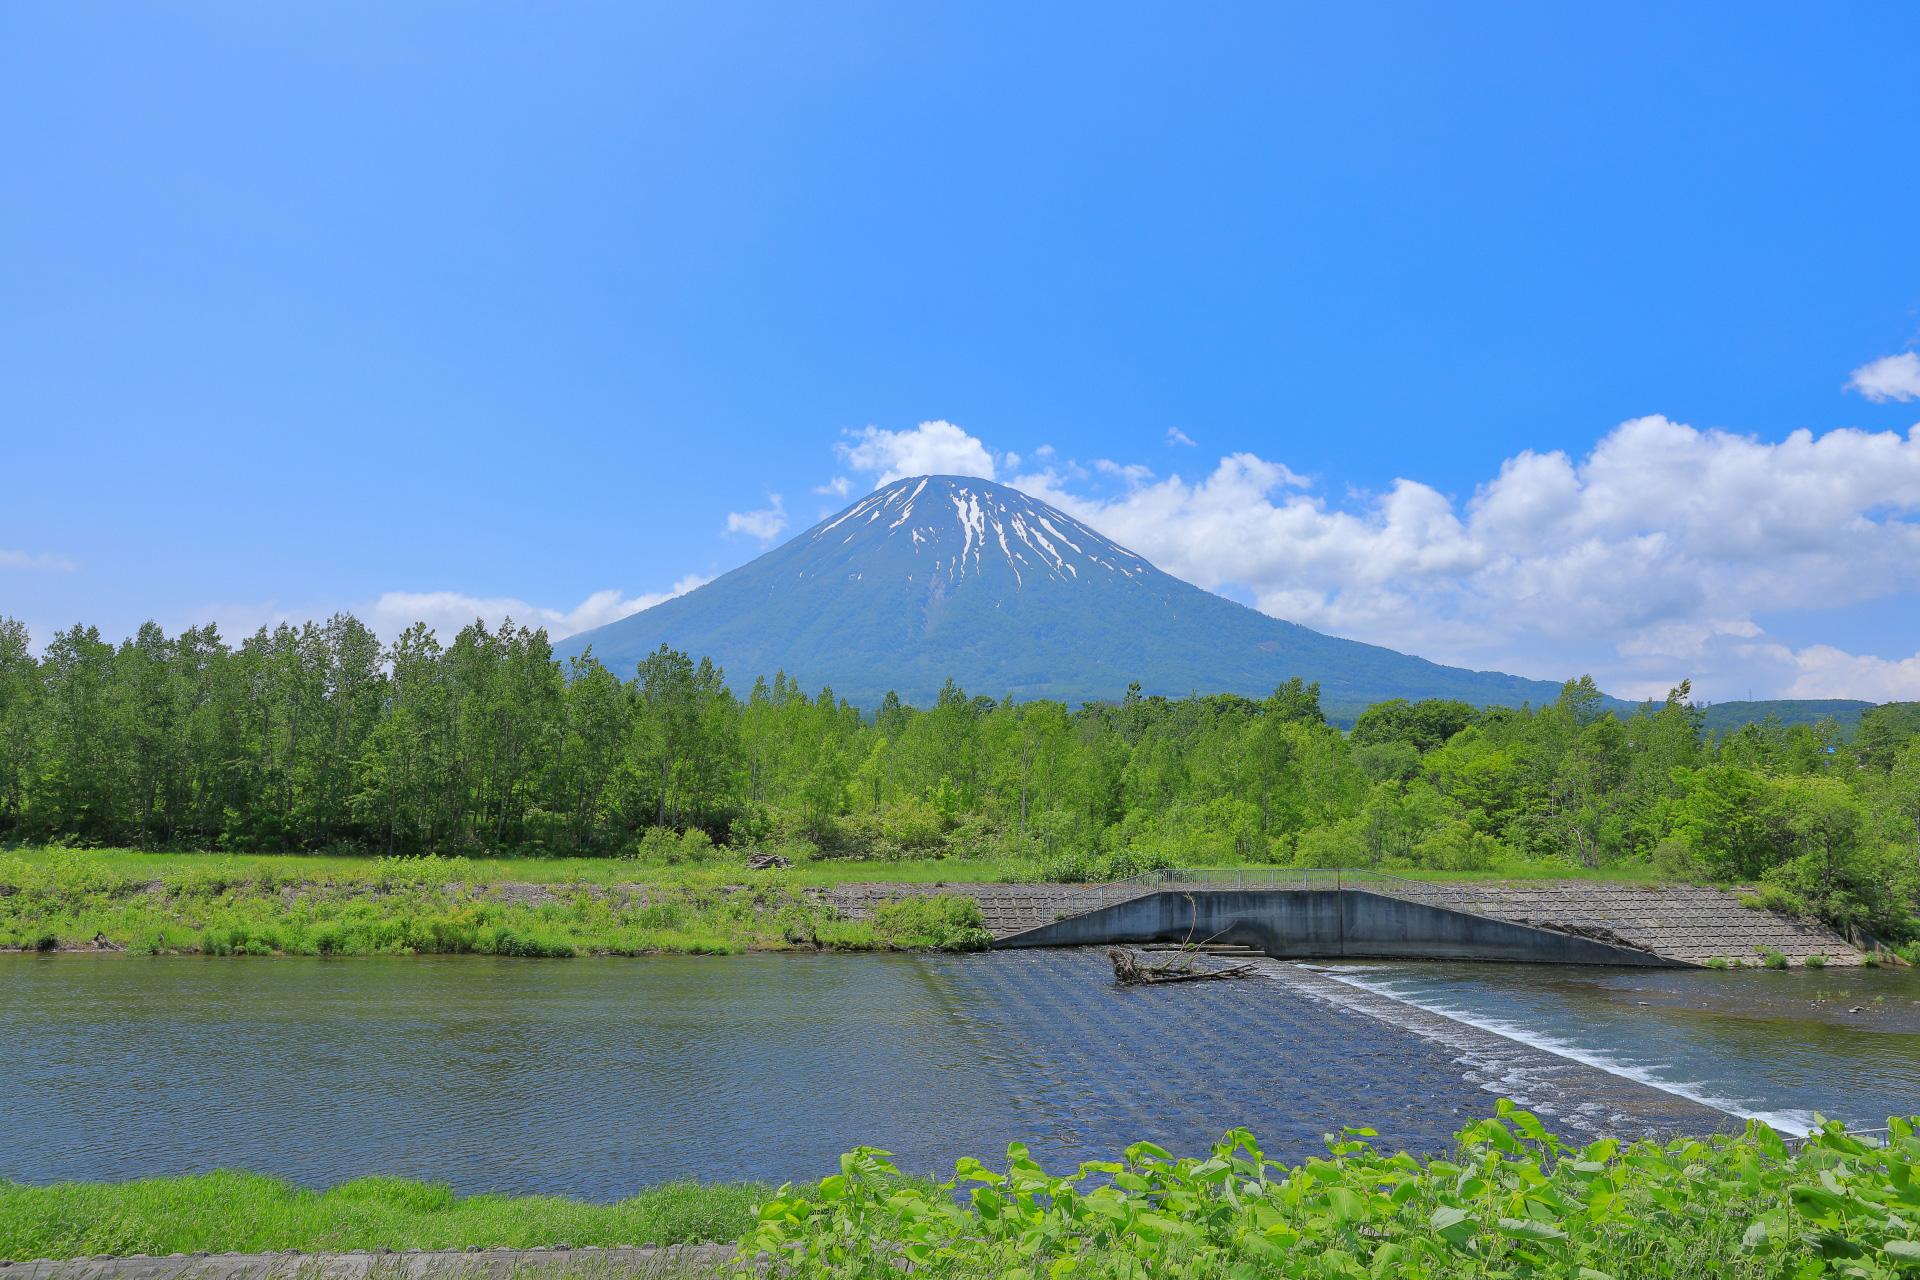 Mt. Fuji in Hokkaido